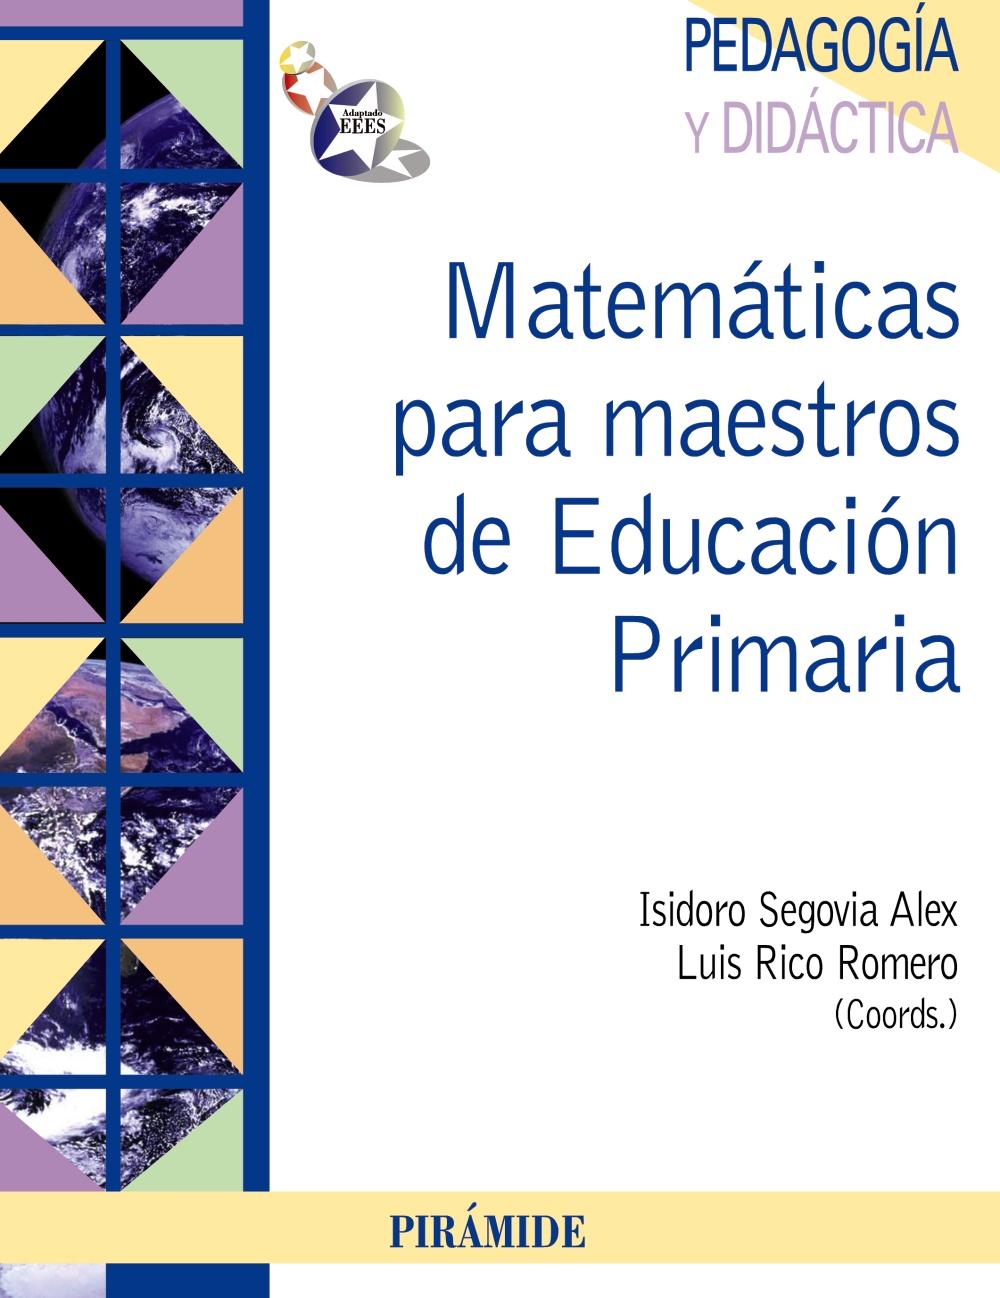 Matemáticas para maestros de Educación Primaria (ebook)